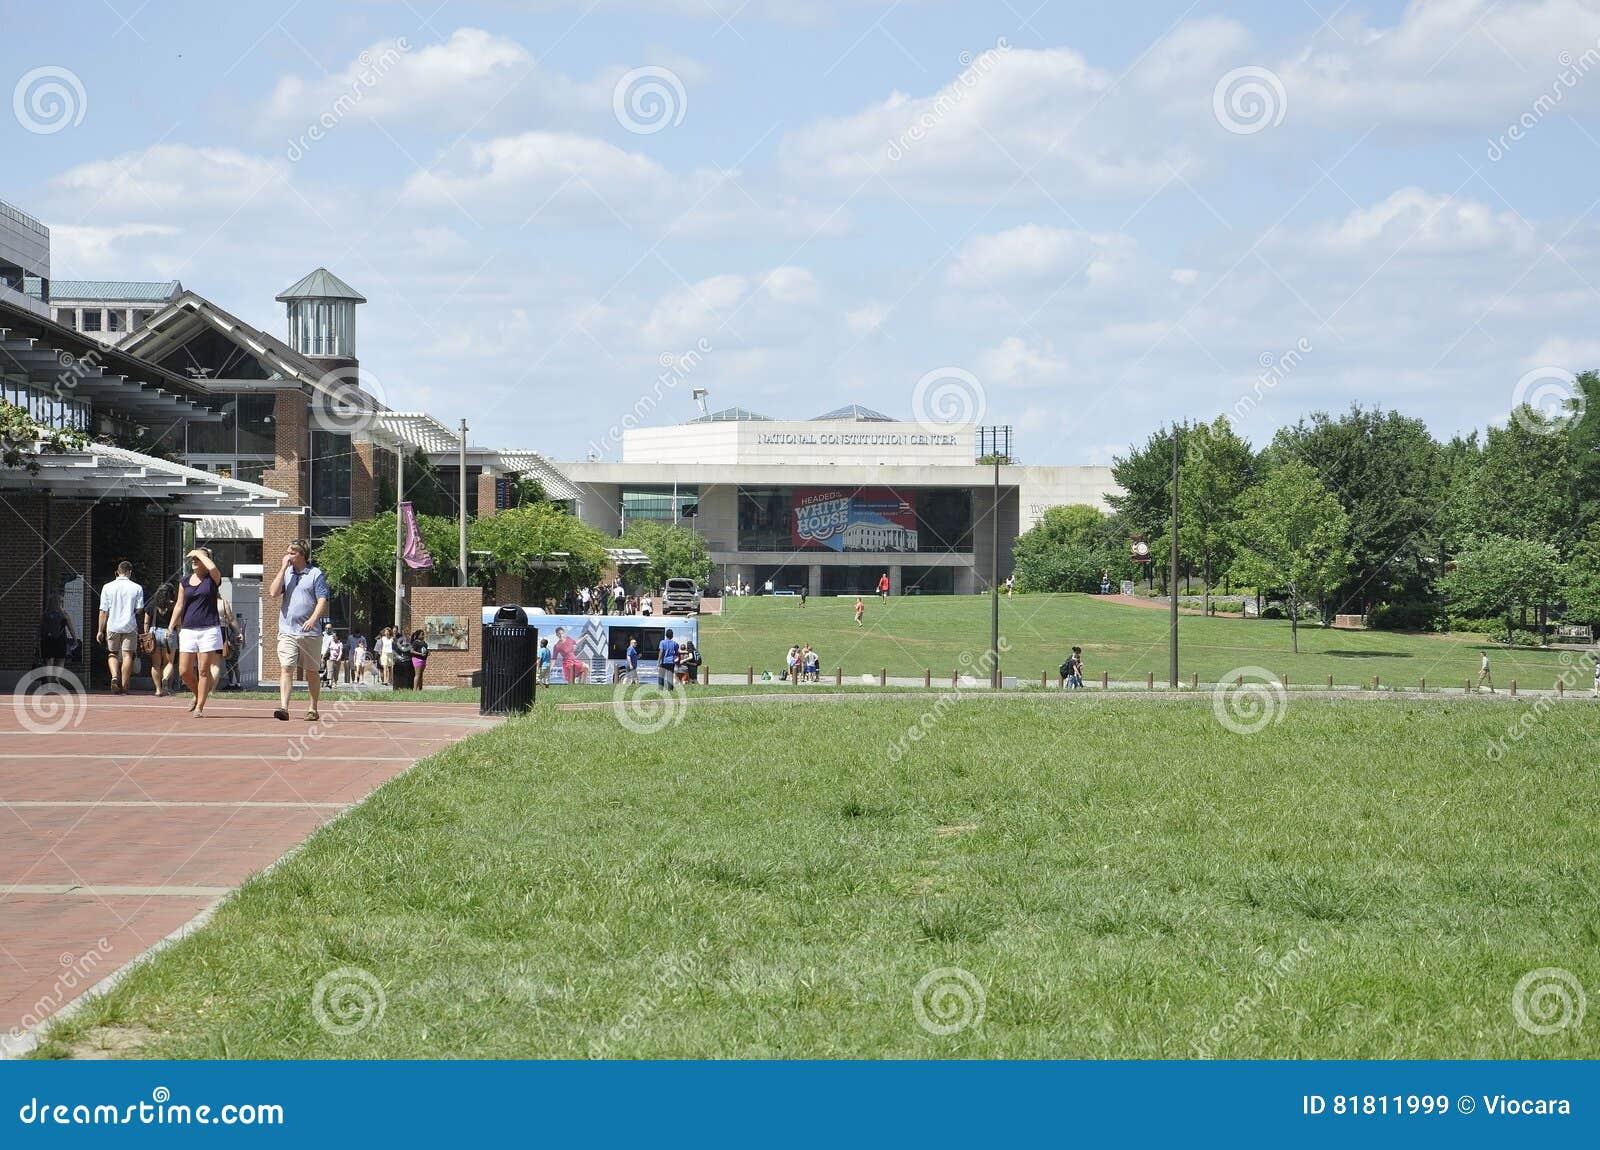 Филадельфия, 4-ое августа: Национальный центр конституции от Филадельфии в Пенсильвании